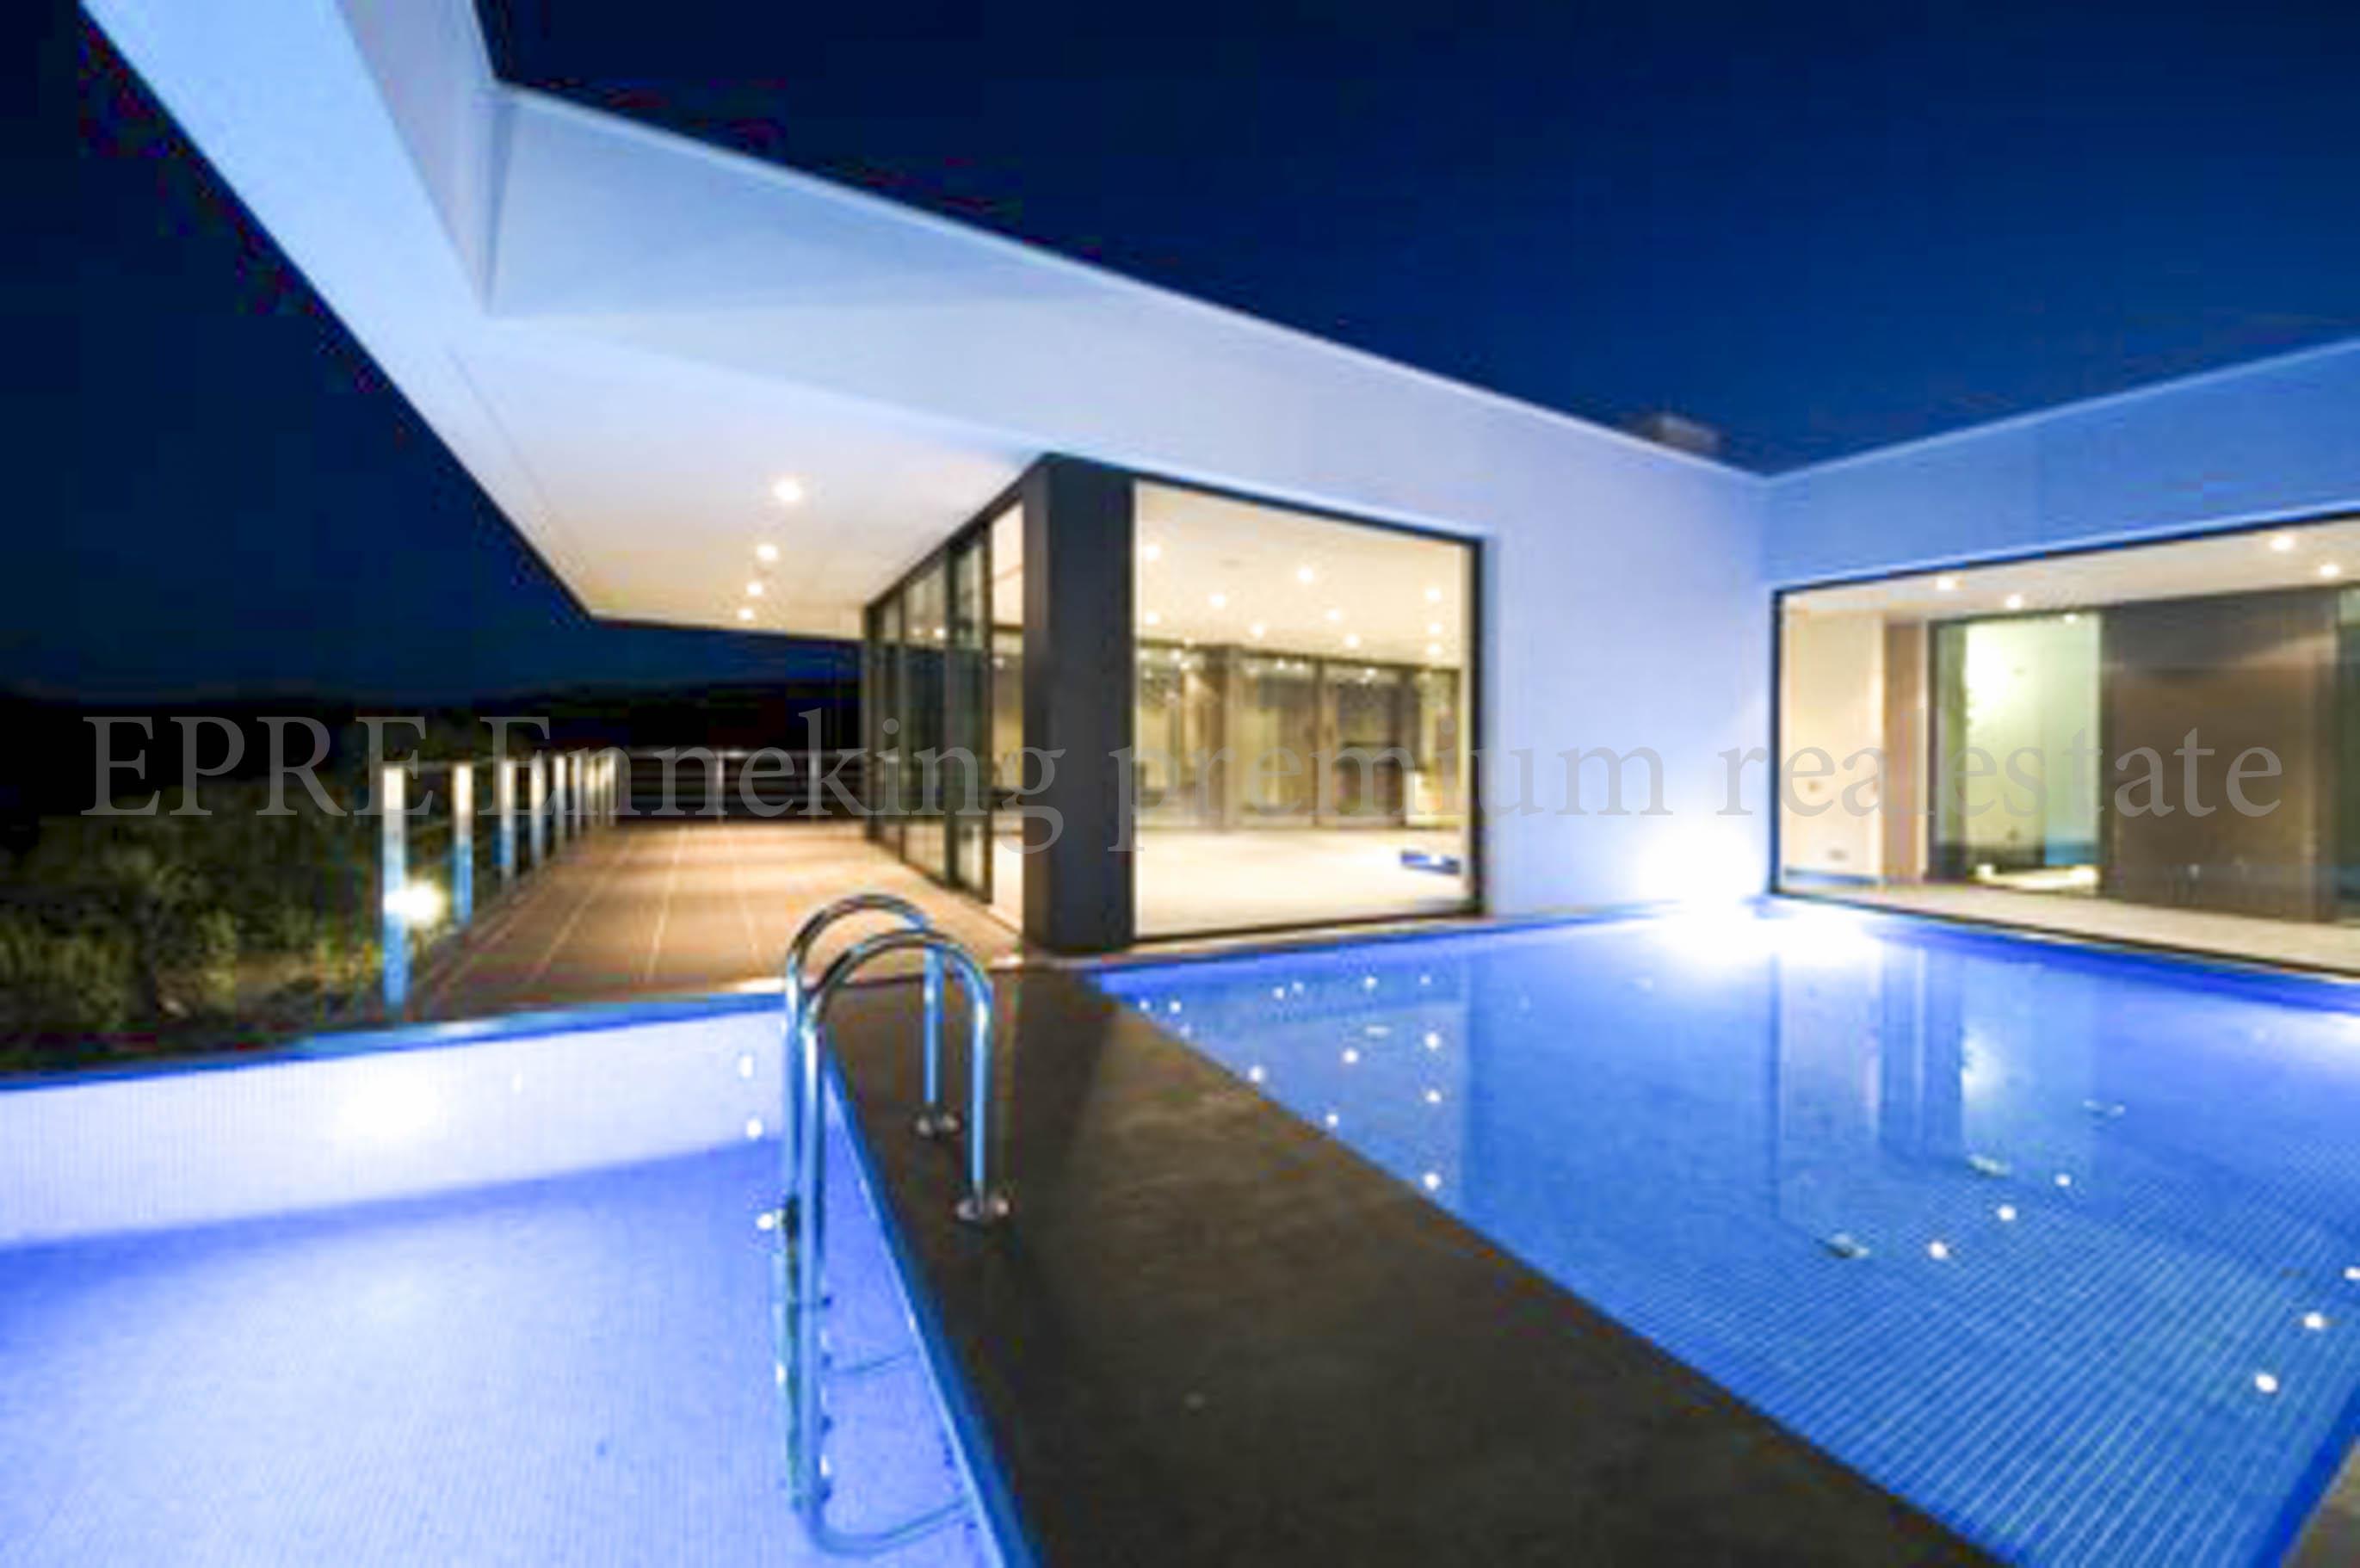 Luxus schlafzimmer mit pool  Luxus Anwesen Lagos Bensafrim 6 Schlafzimmer. Kauspreis €1.080.000